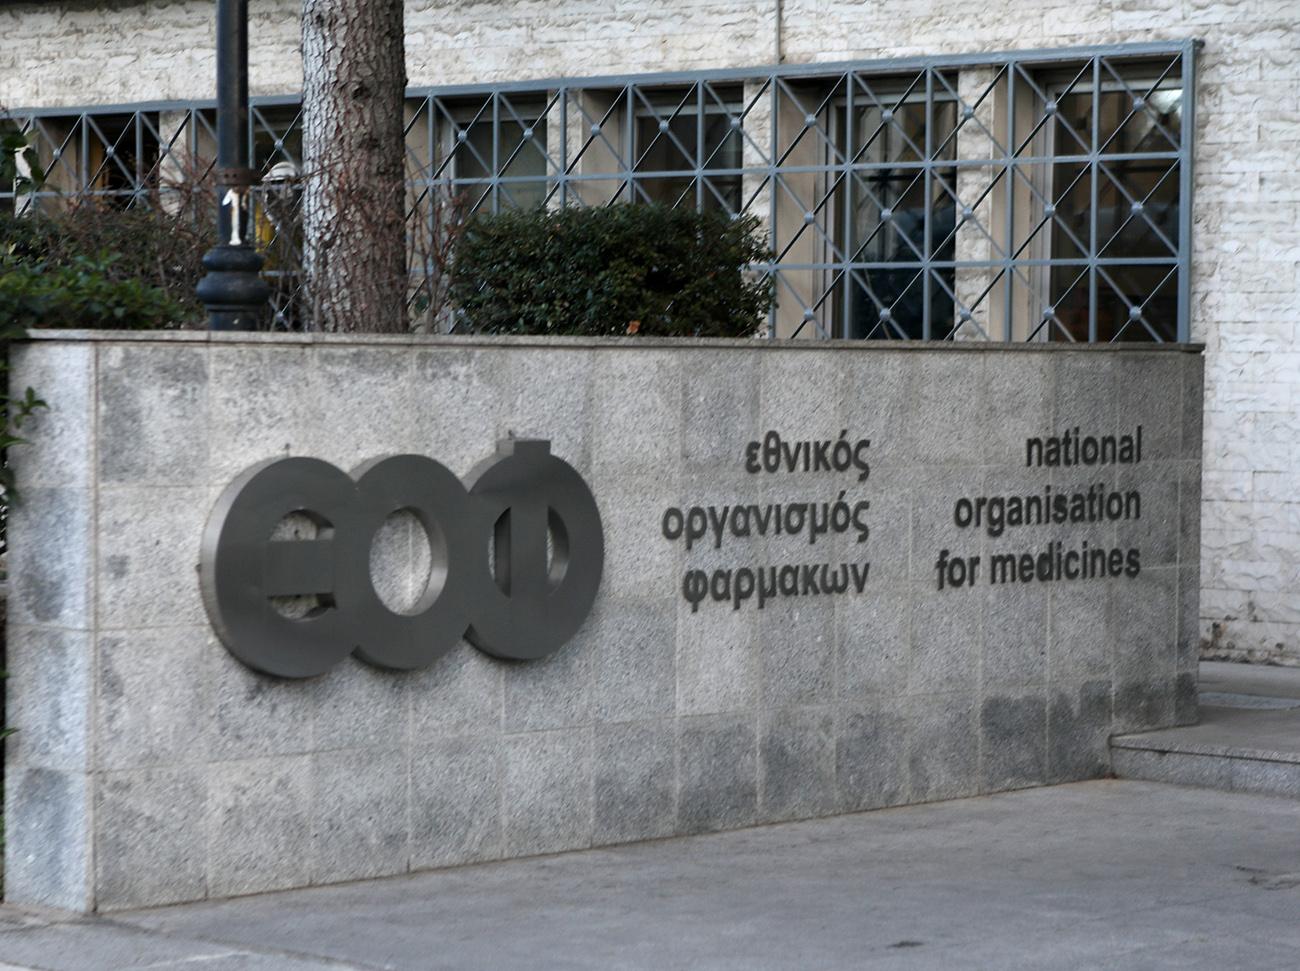 Με απόφαση του ΕΟΦ ανακαλούνται όλες οι παρτίδες ενέσιμου φαρμάκου